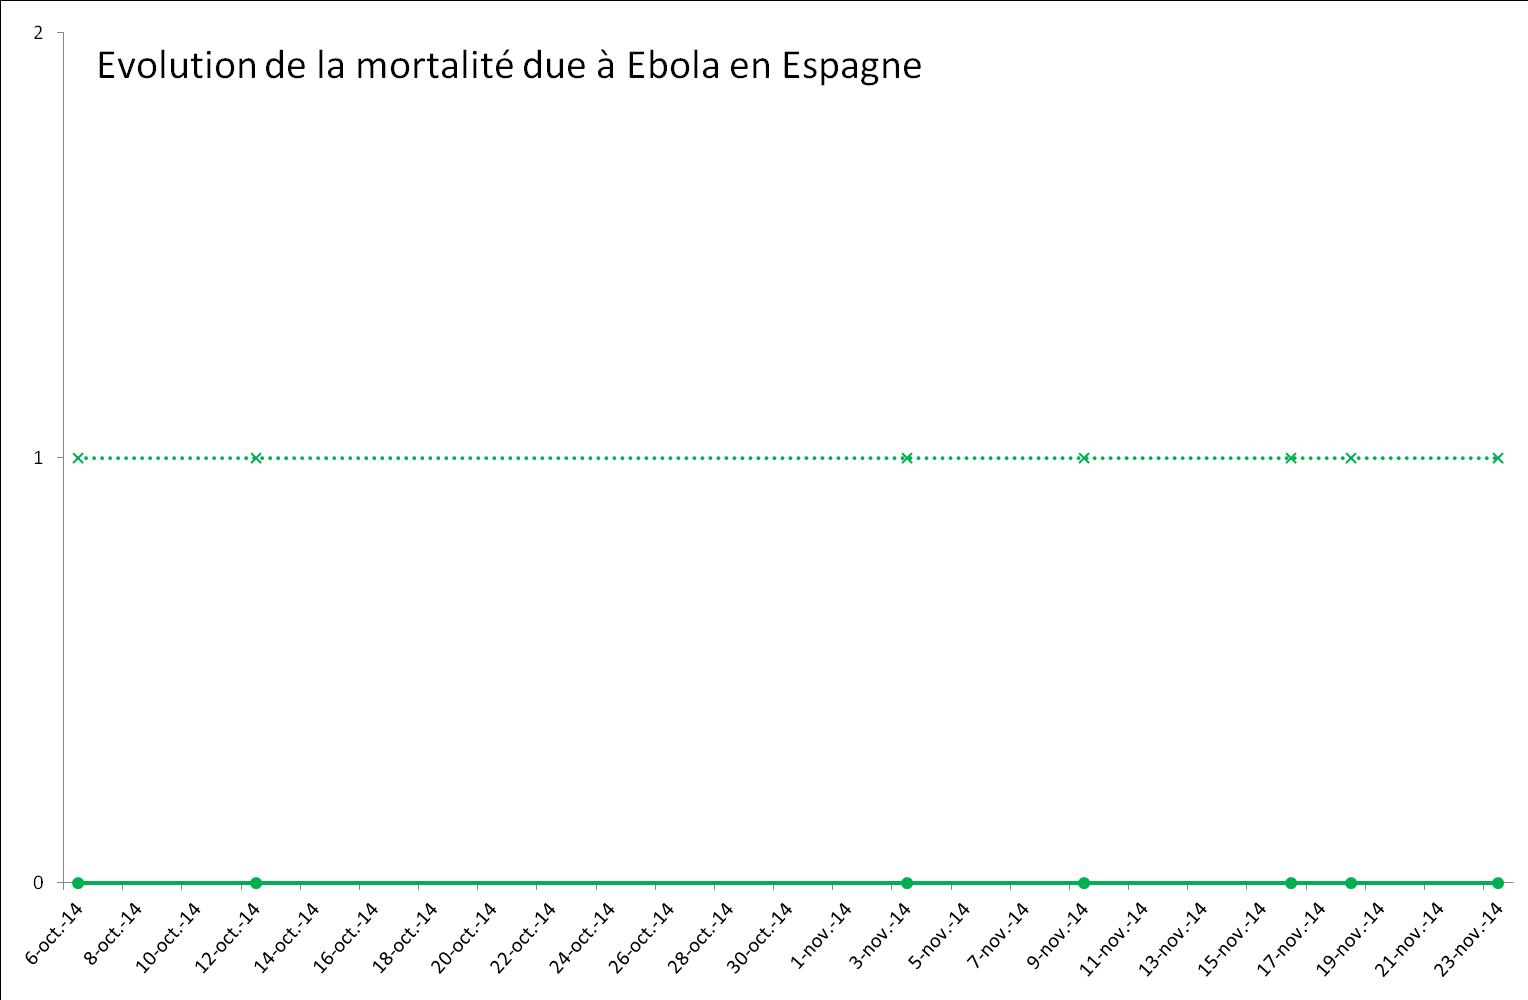 Evolution de l'épidémie de virus Ebola en Espagne